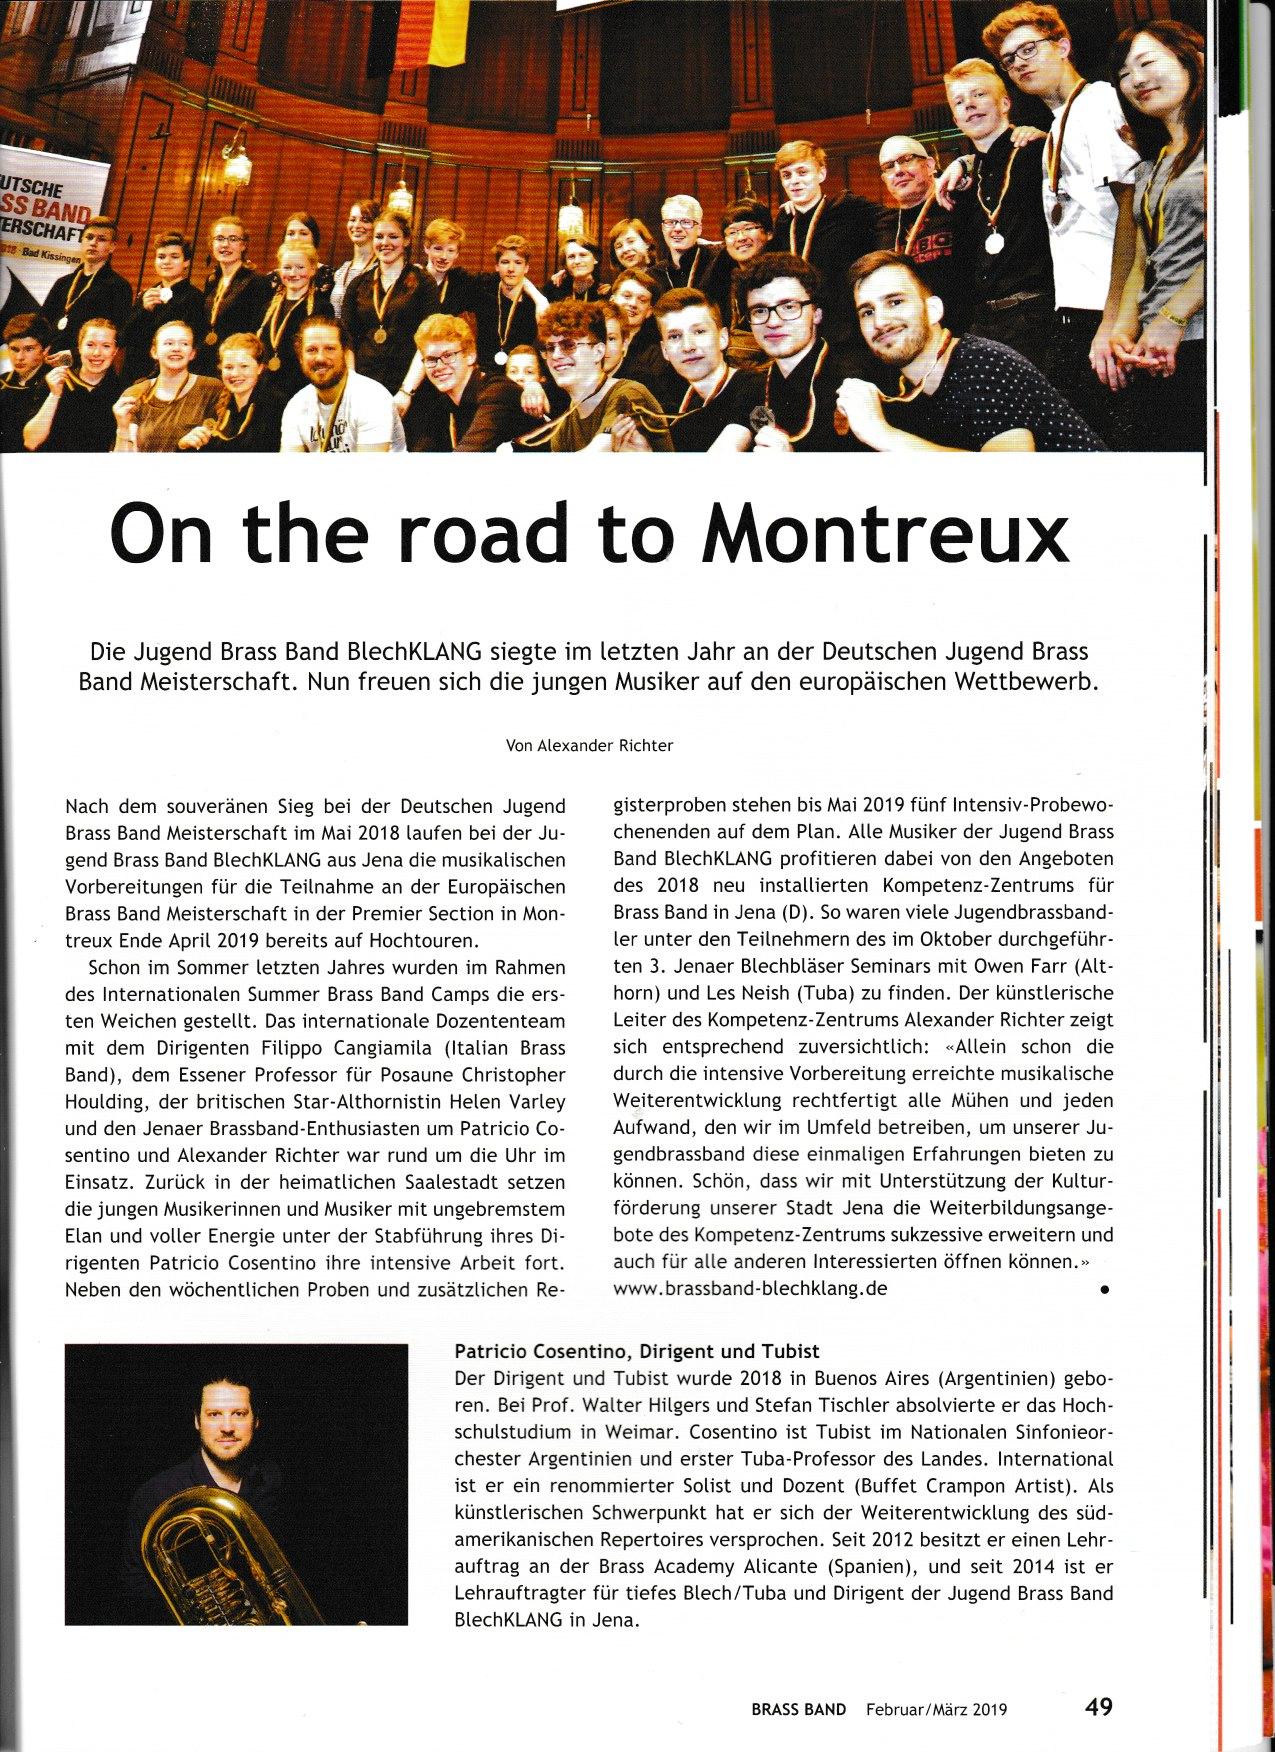 """Artikel im Fachmagazin """"Brass Band"""" über unsere Jugend Brass Band BlechKLANG"""